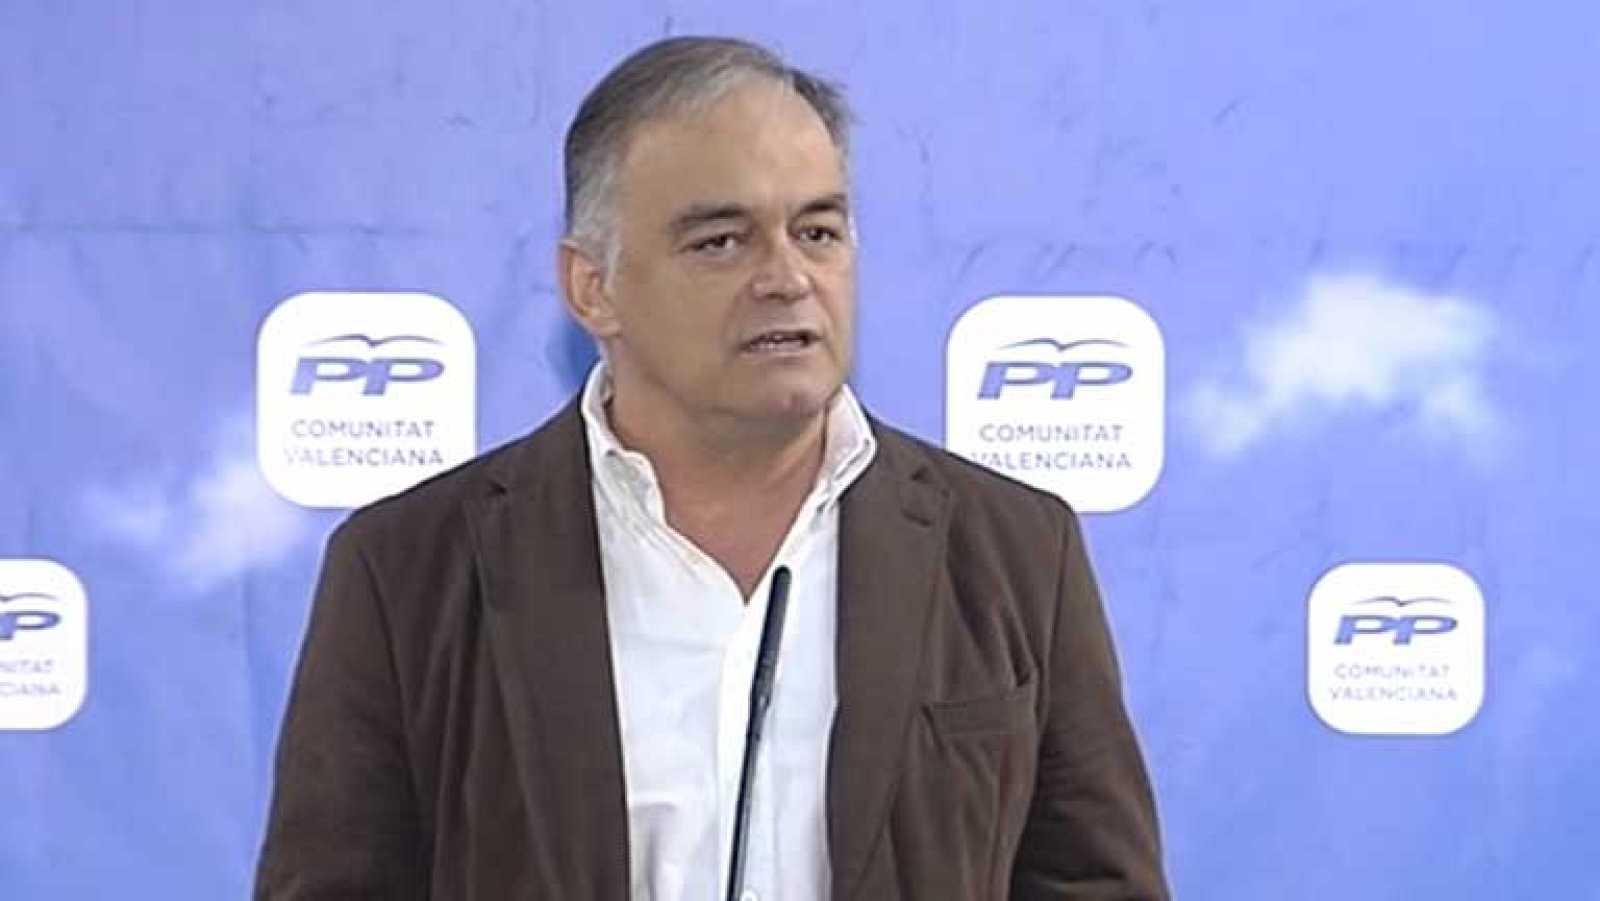 Pons asegura, con respecto a Cataluña, que es momento de estar unidos